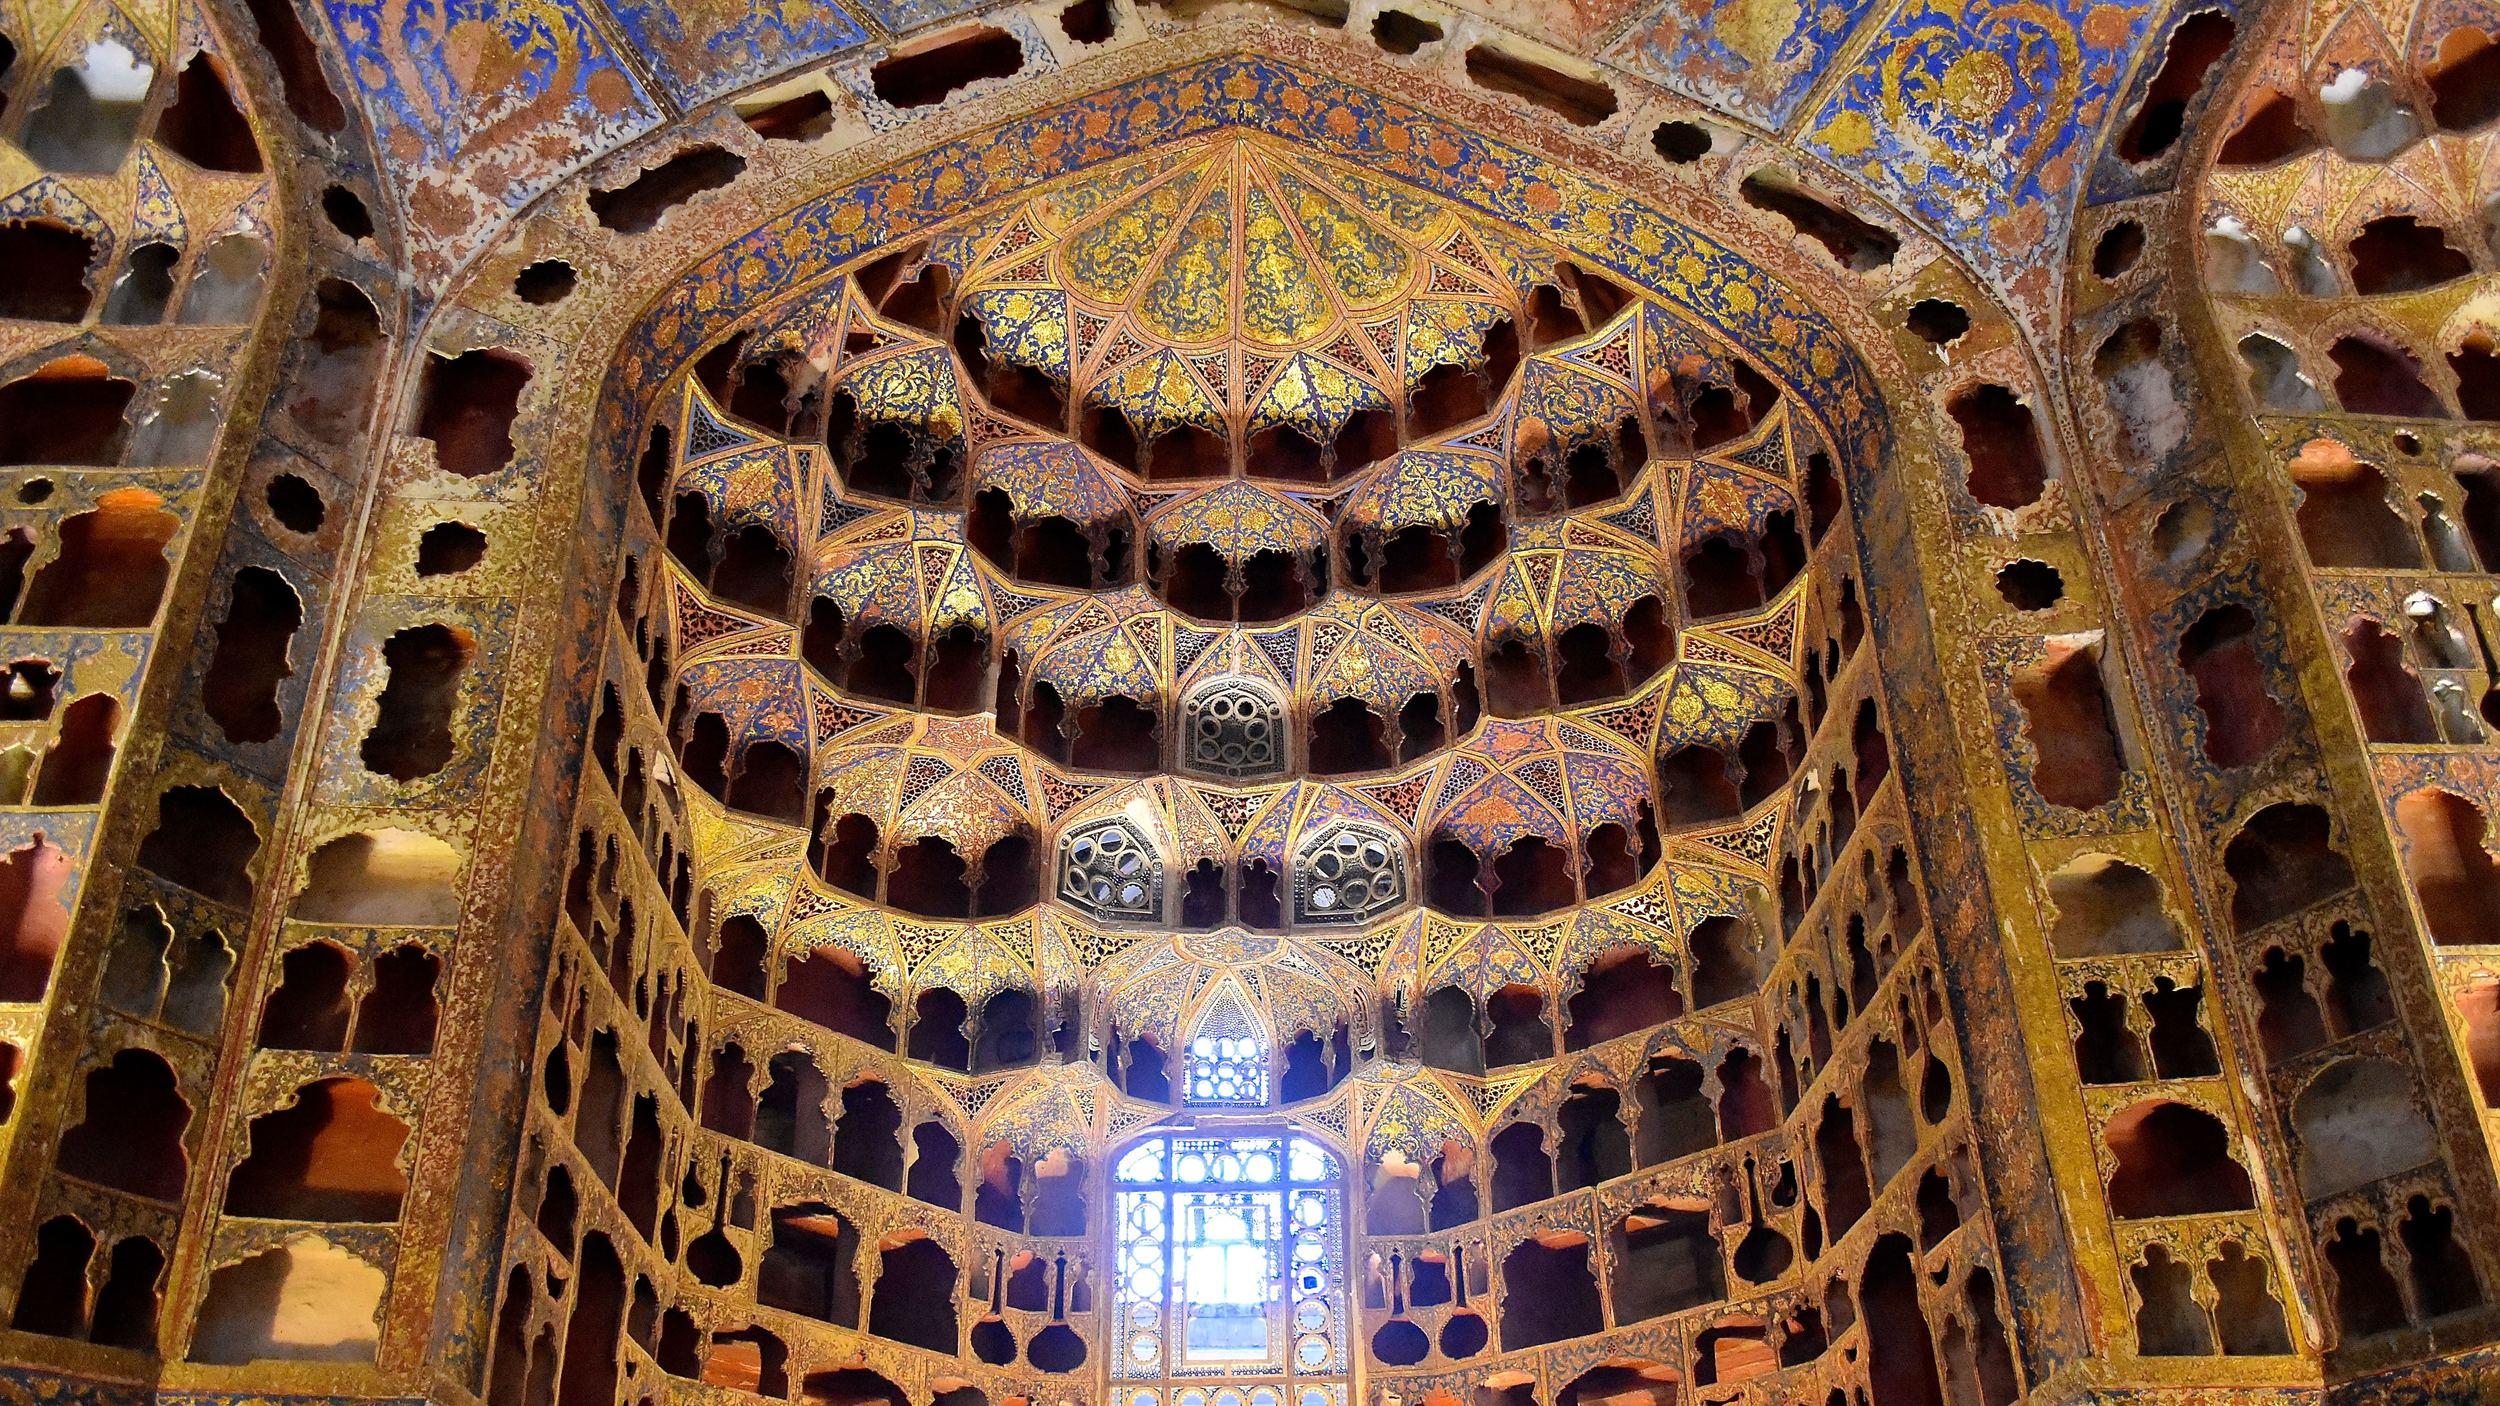 Iran-NW-Ardabil-Safi-od-Din-dome.jpg